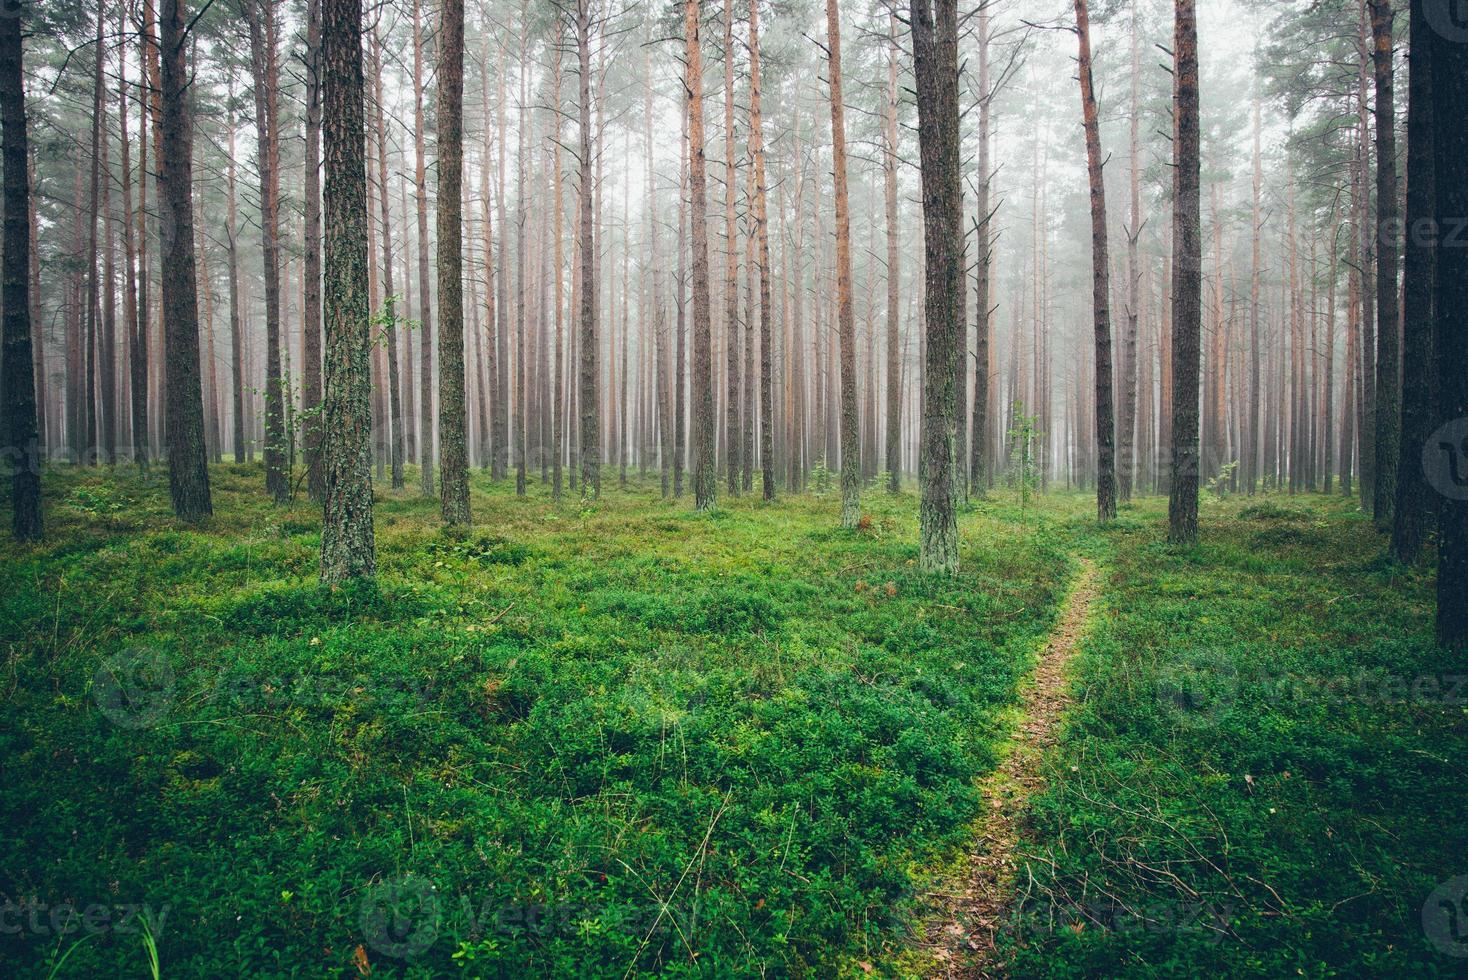 dimmig morgon i skogen. retro kornig film utseende. foto